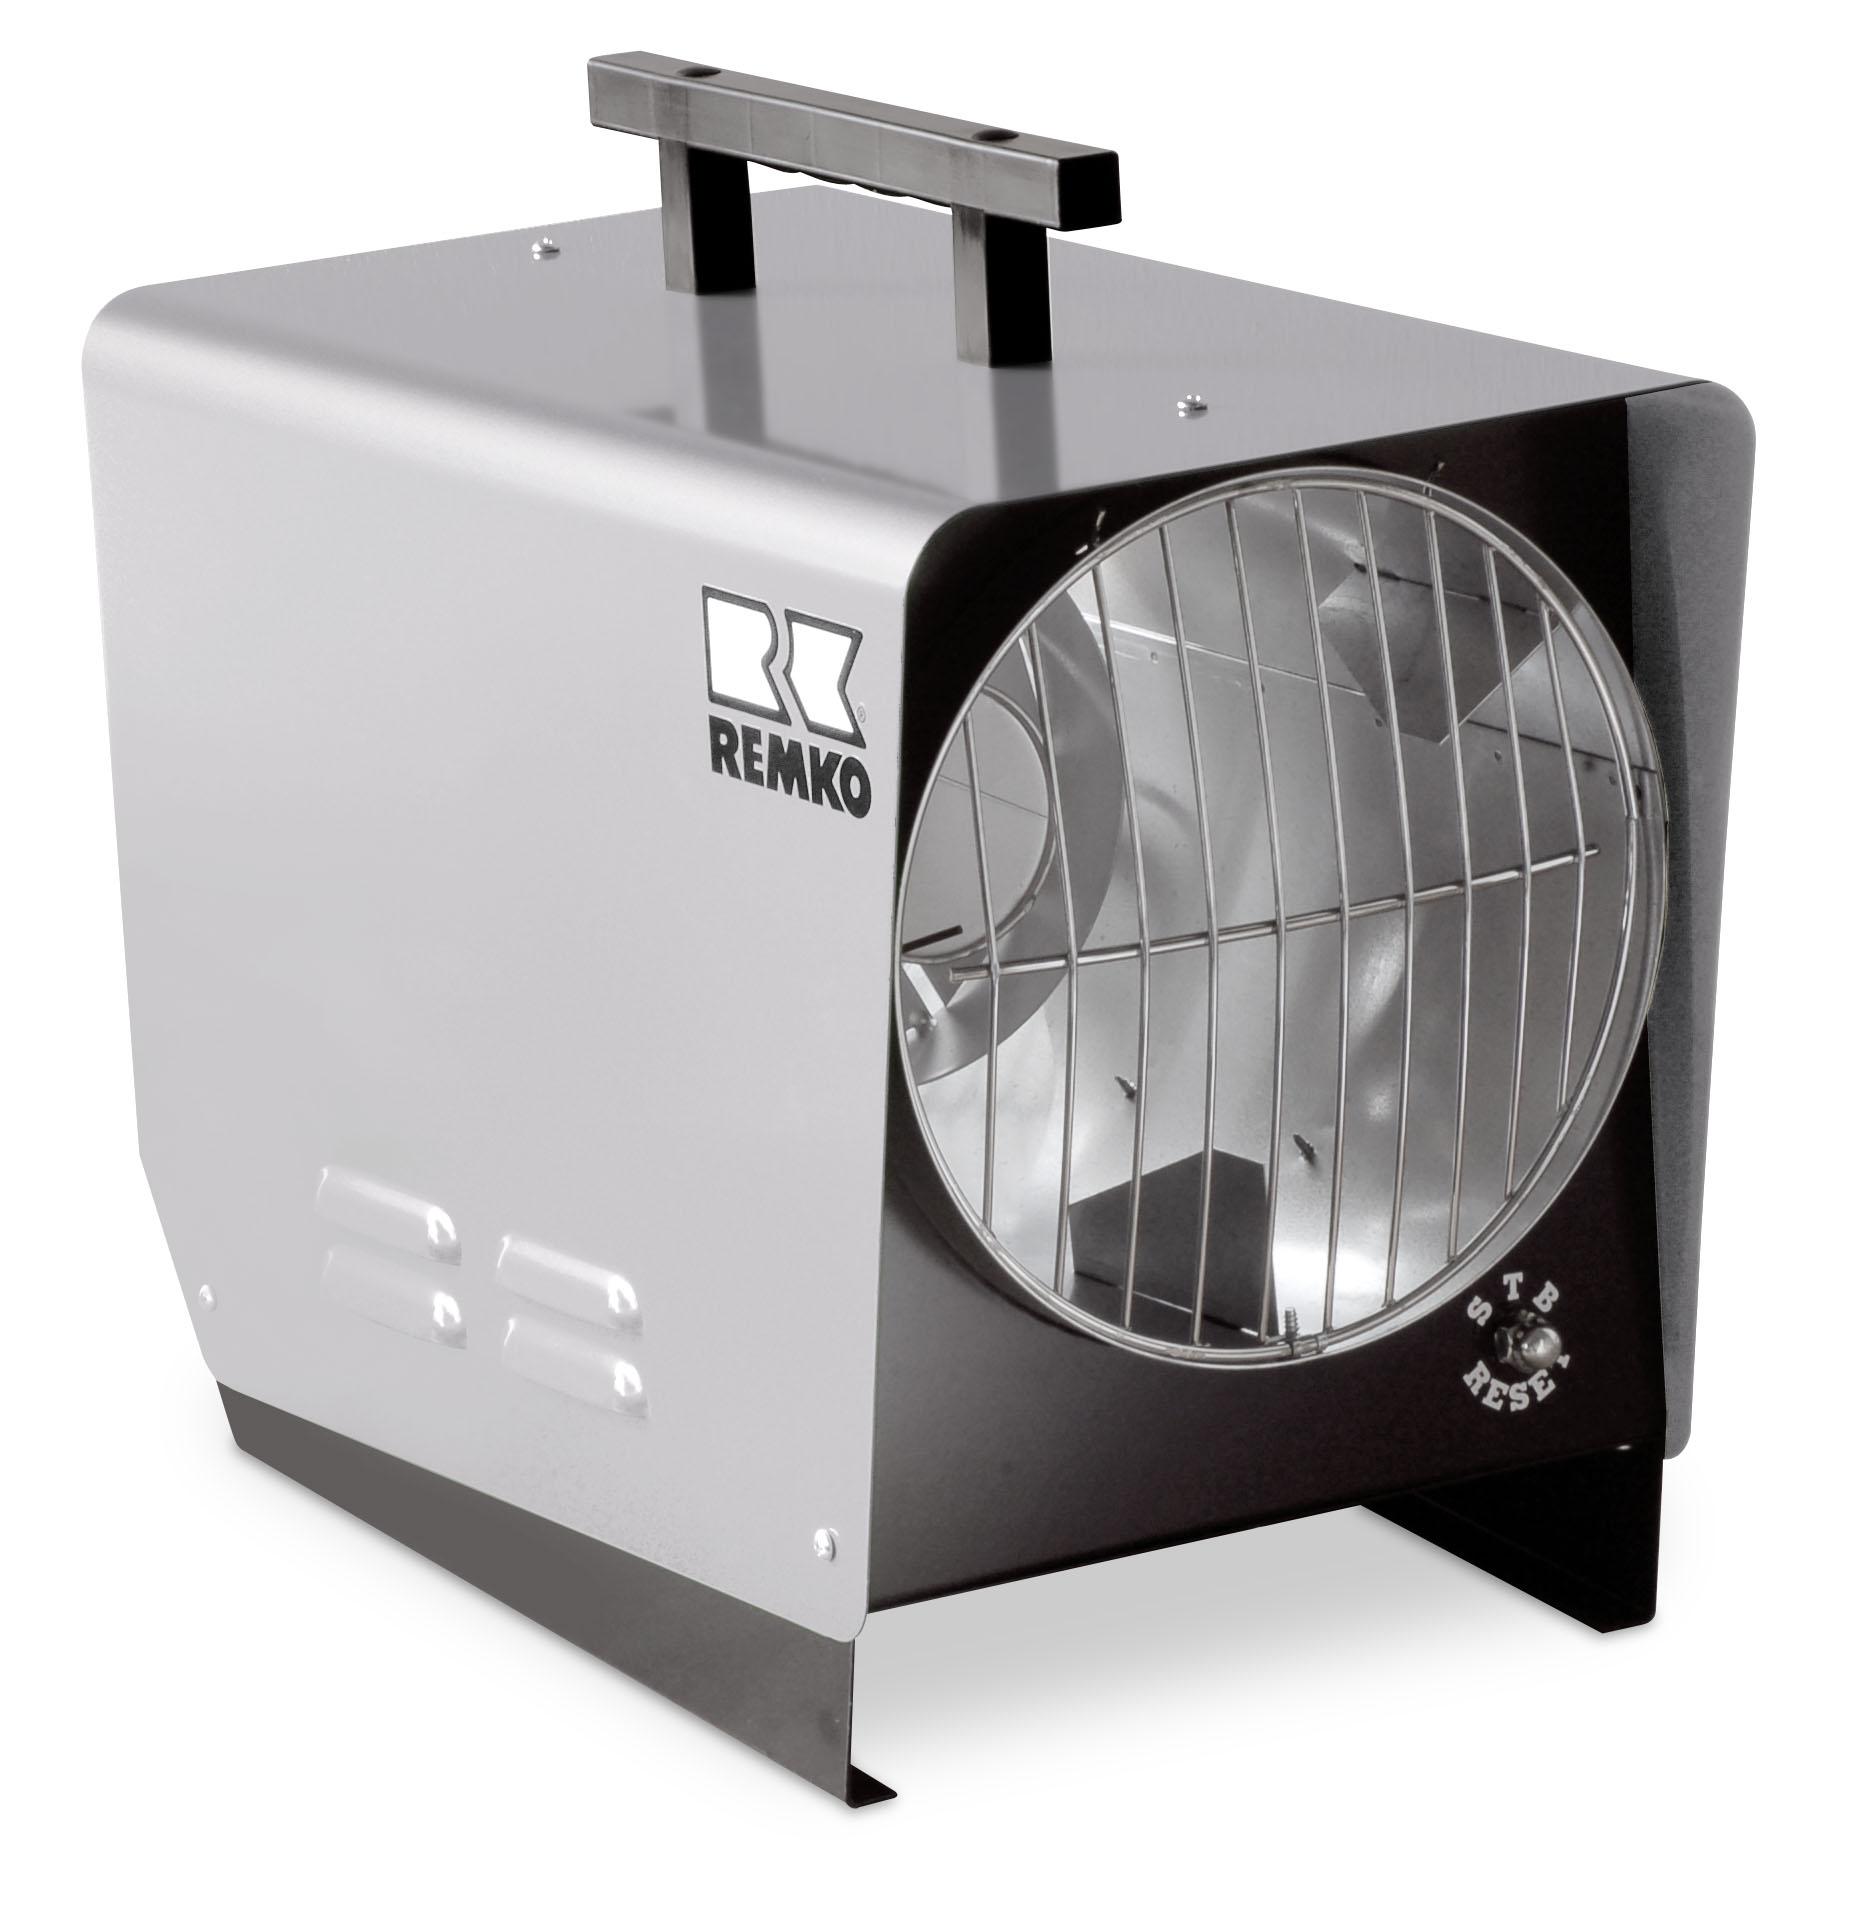 REMKO PG 25 S-Line Gas-Heizautomat - Preiswerter Allrounder für schnelle Punktbeheizung